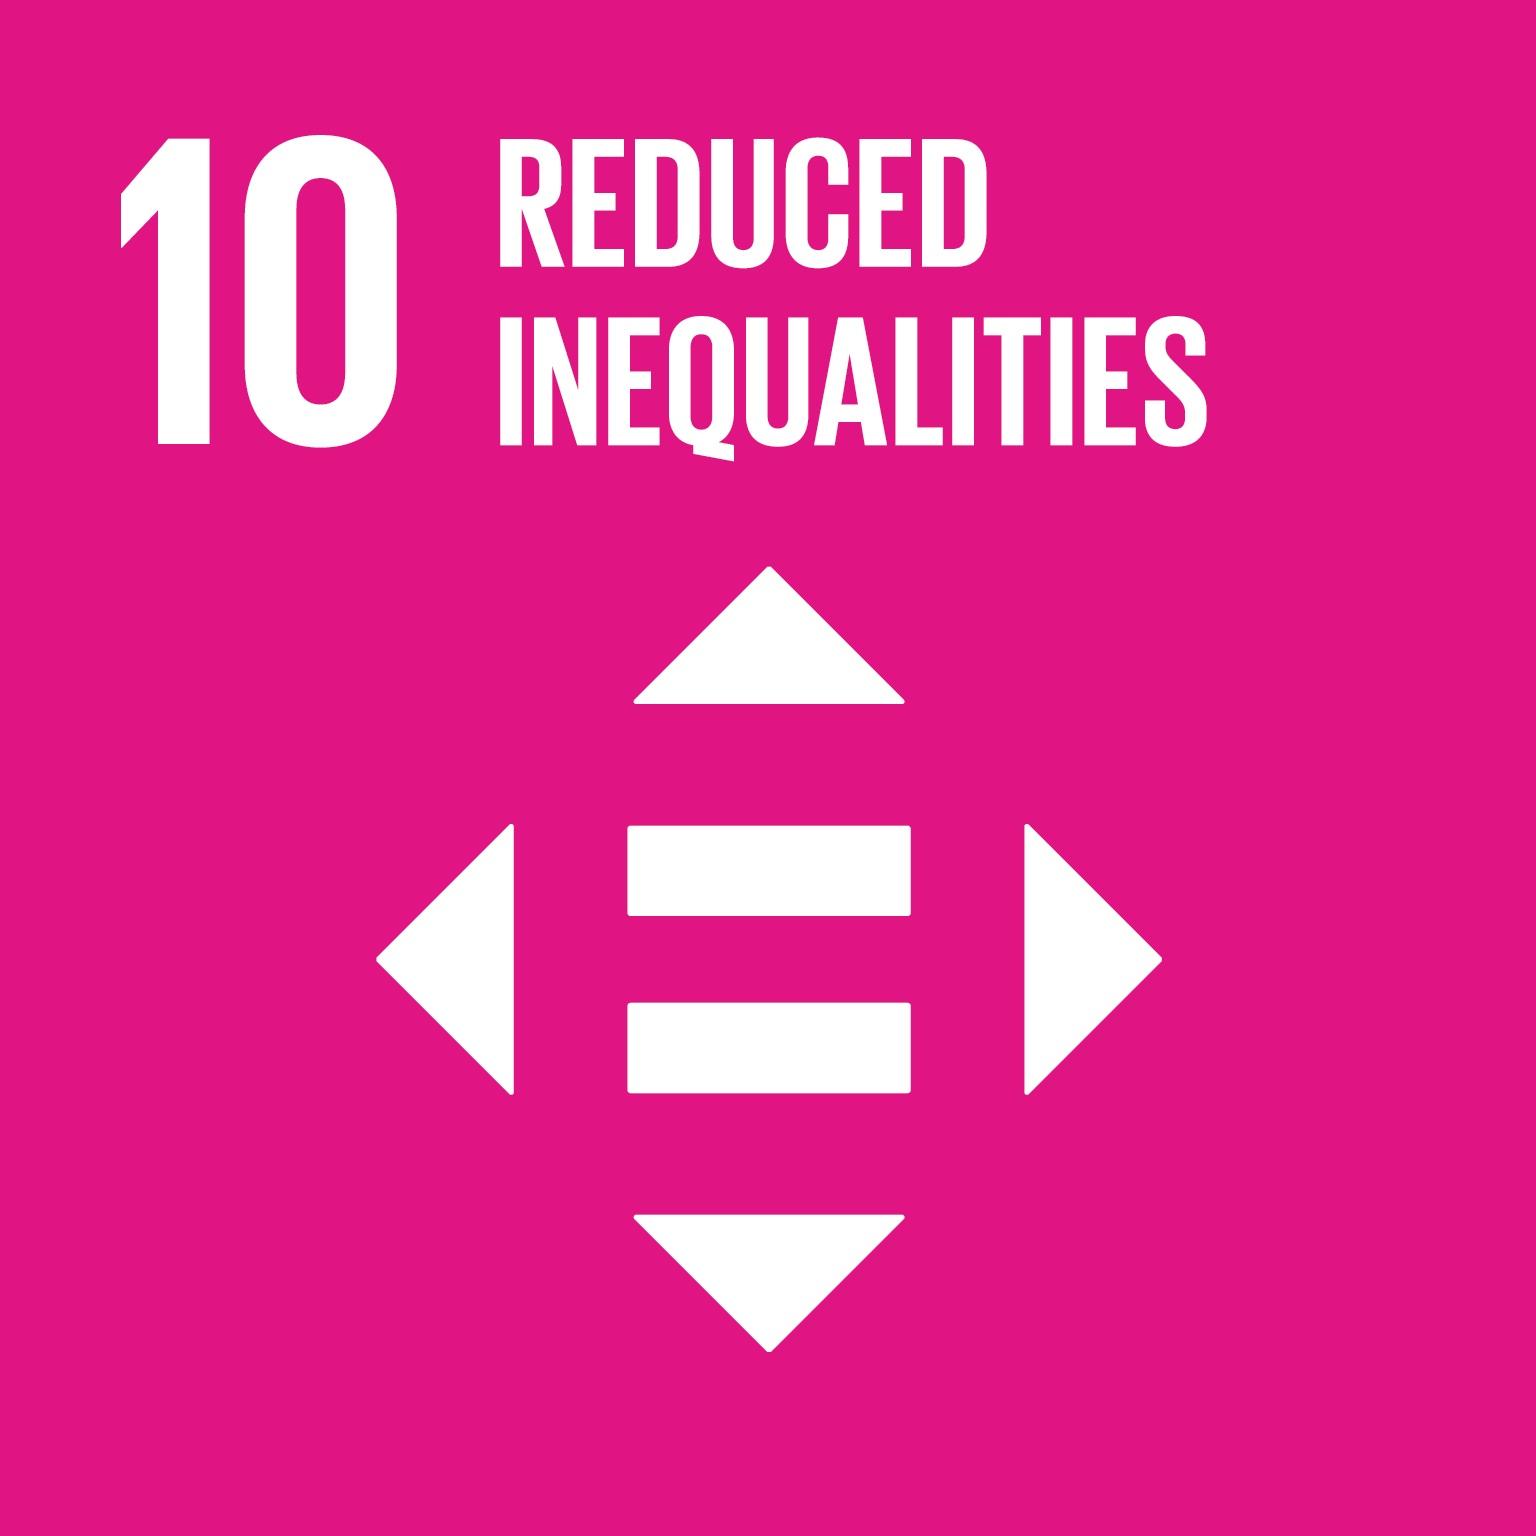 SDG #10